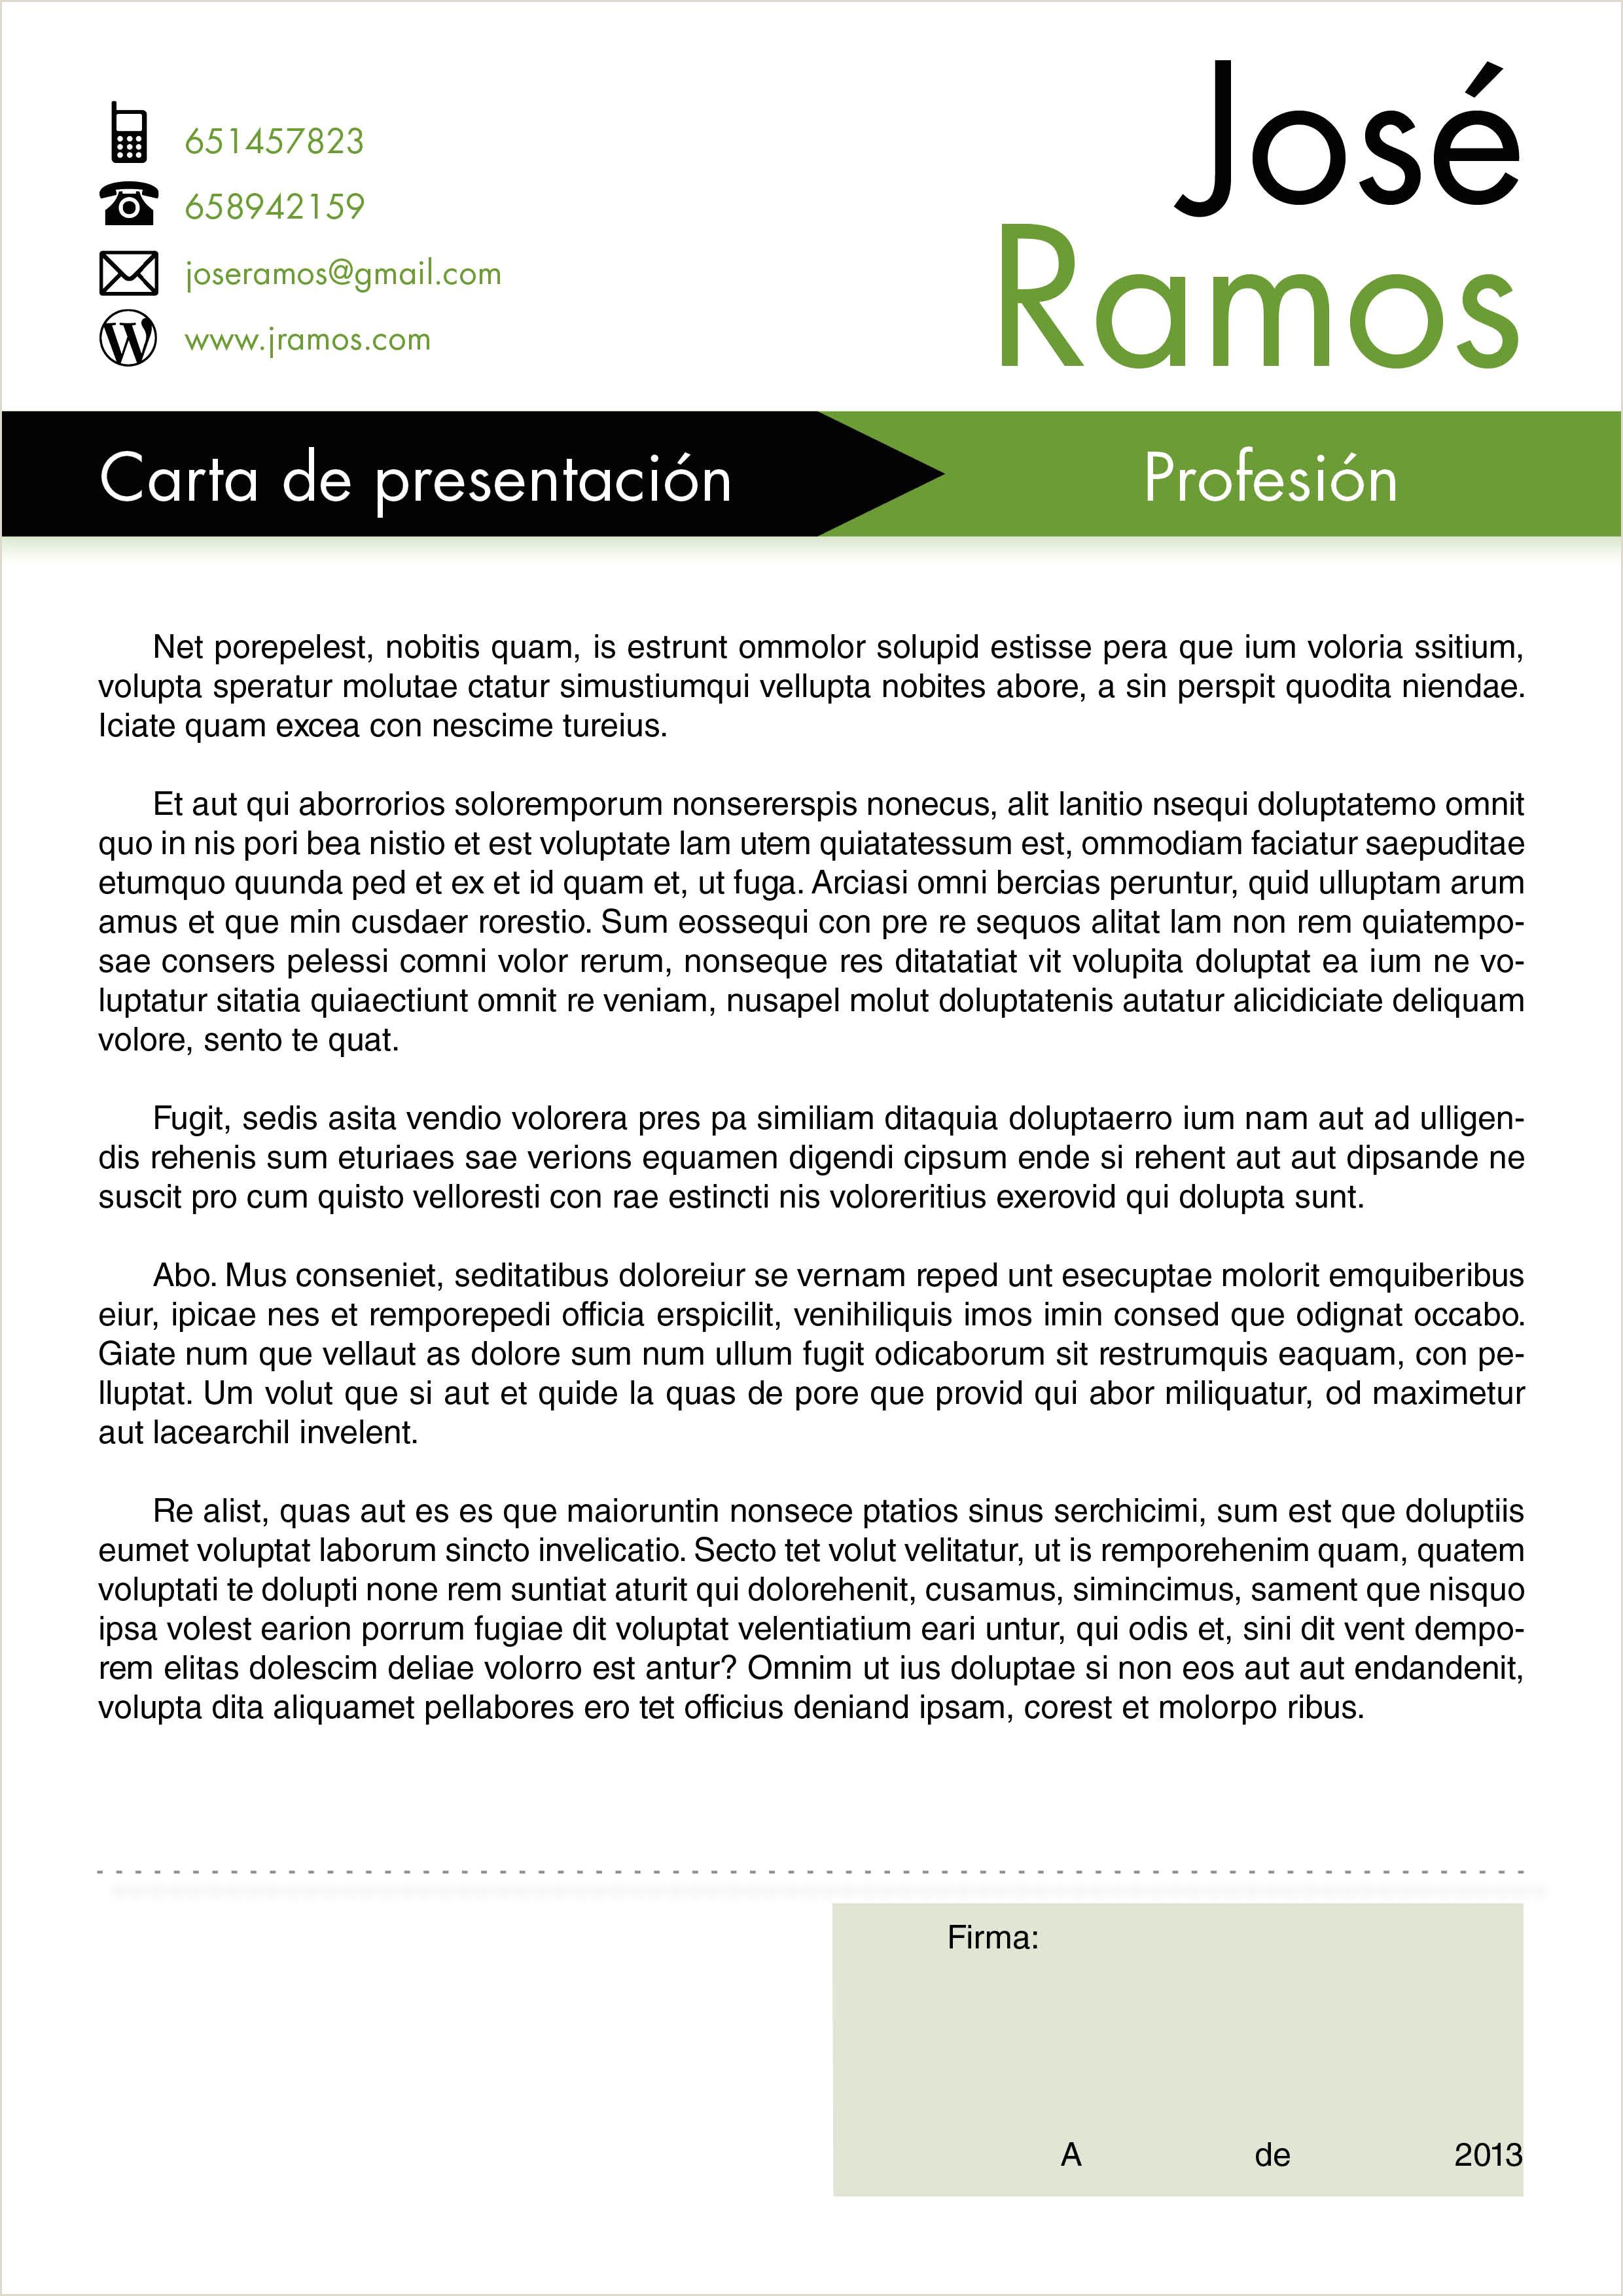 Modelos curriculum vitae ejemplos word custom writing online